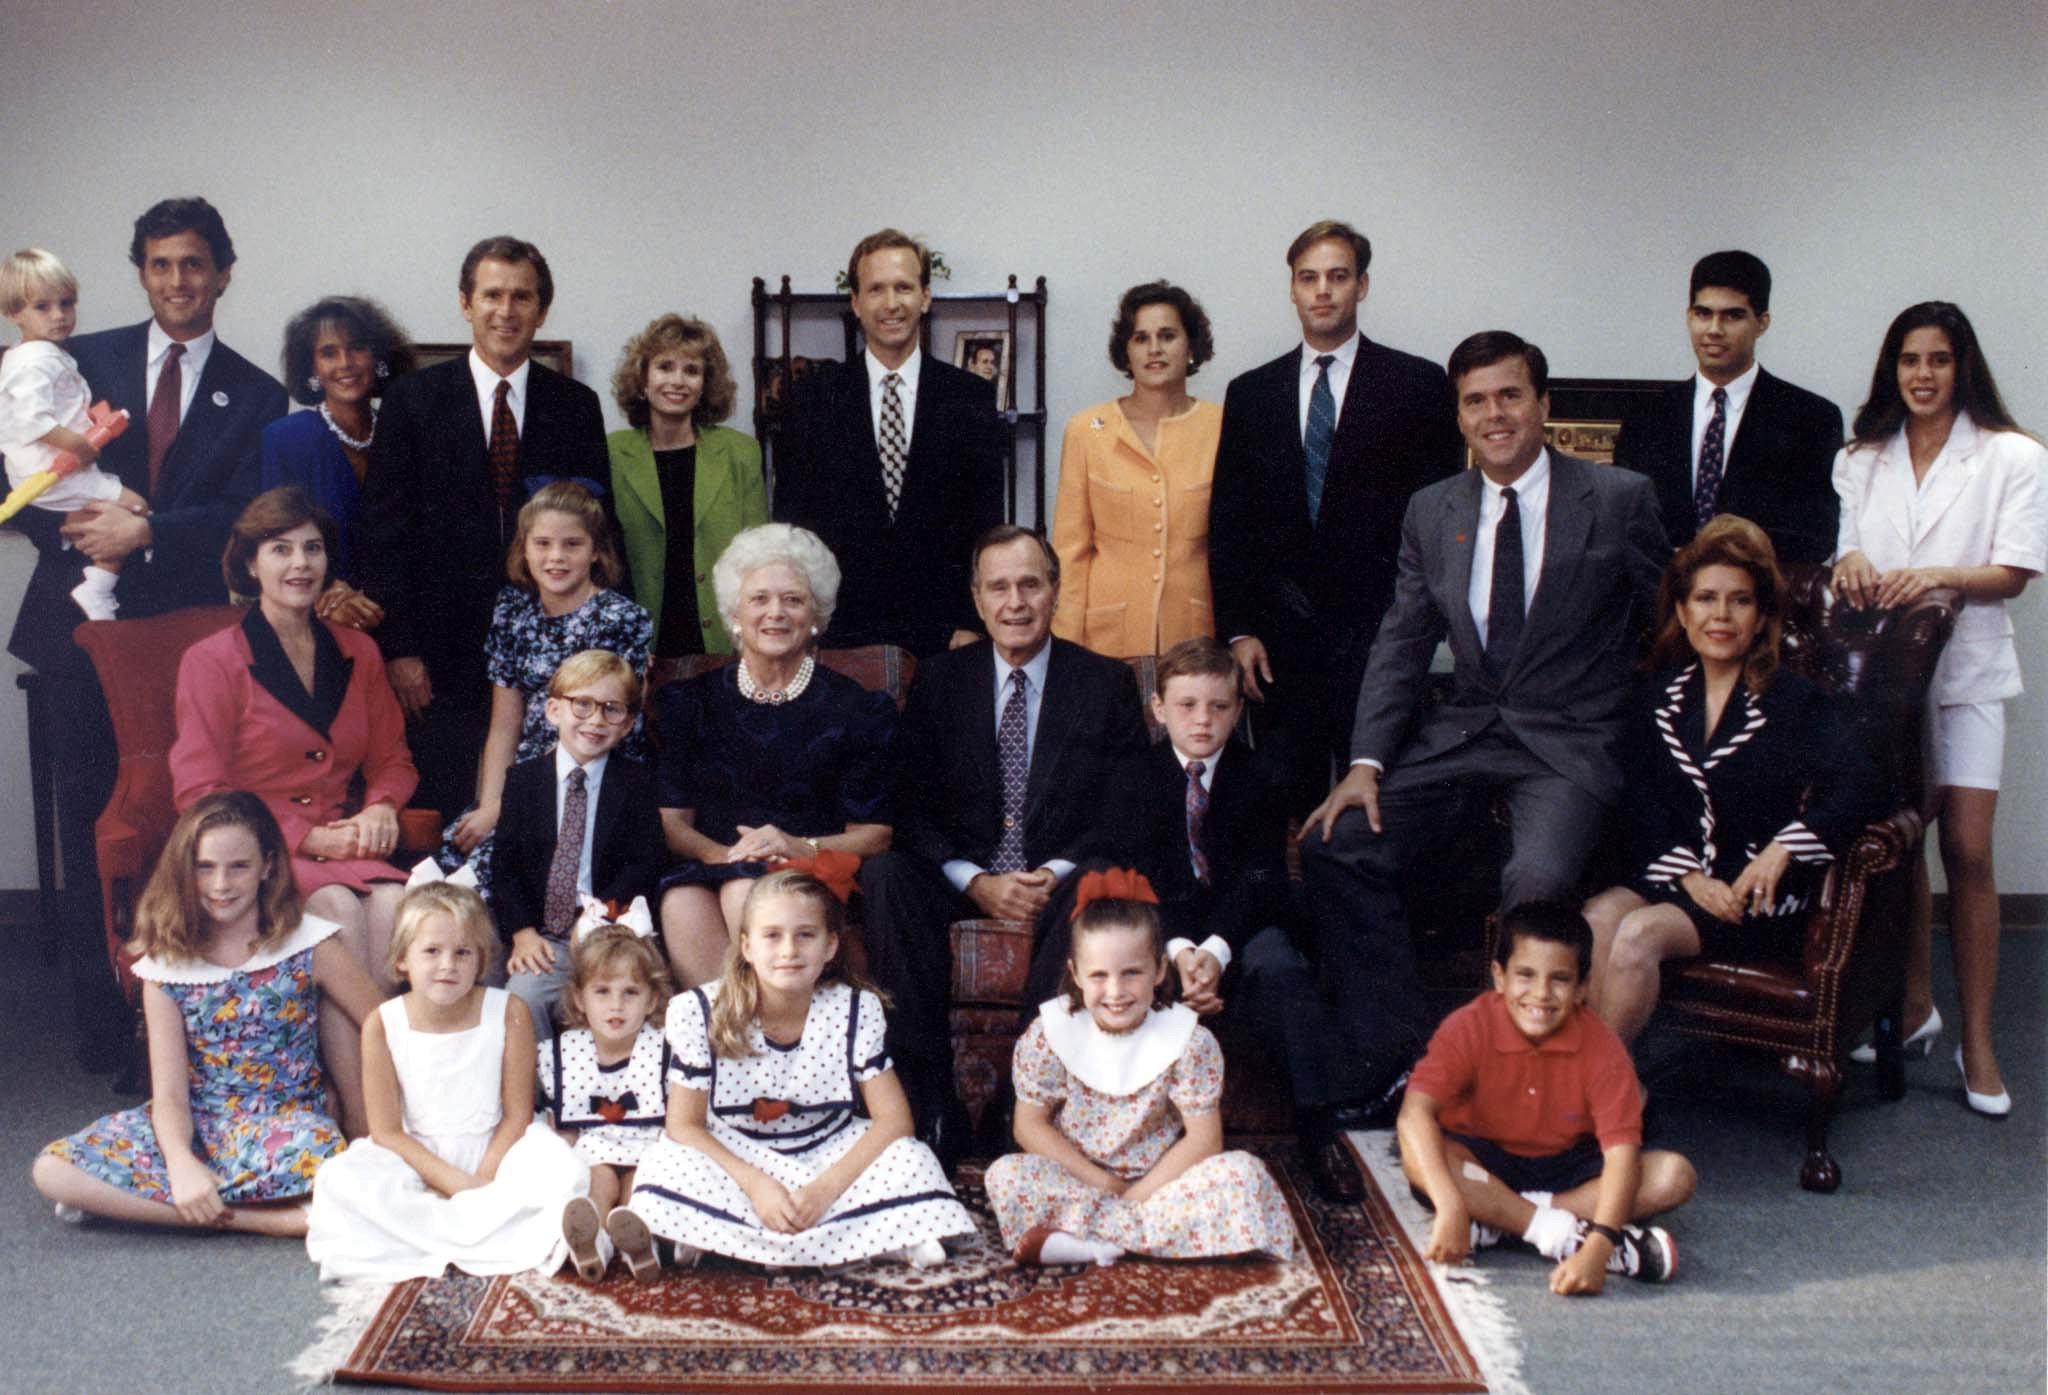 جورج بوش الأب  الرئيس الأمريكى الأسبق  (13)